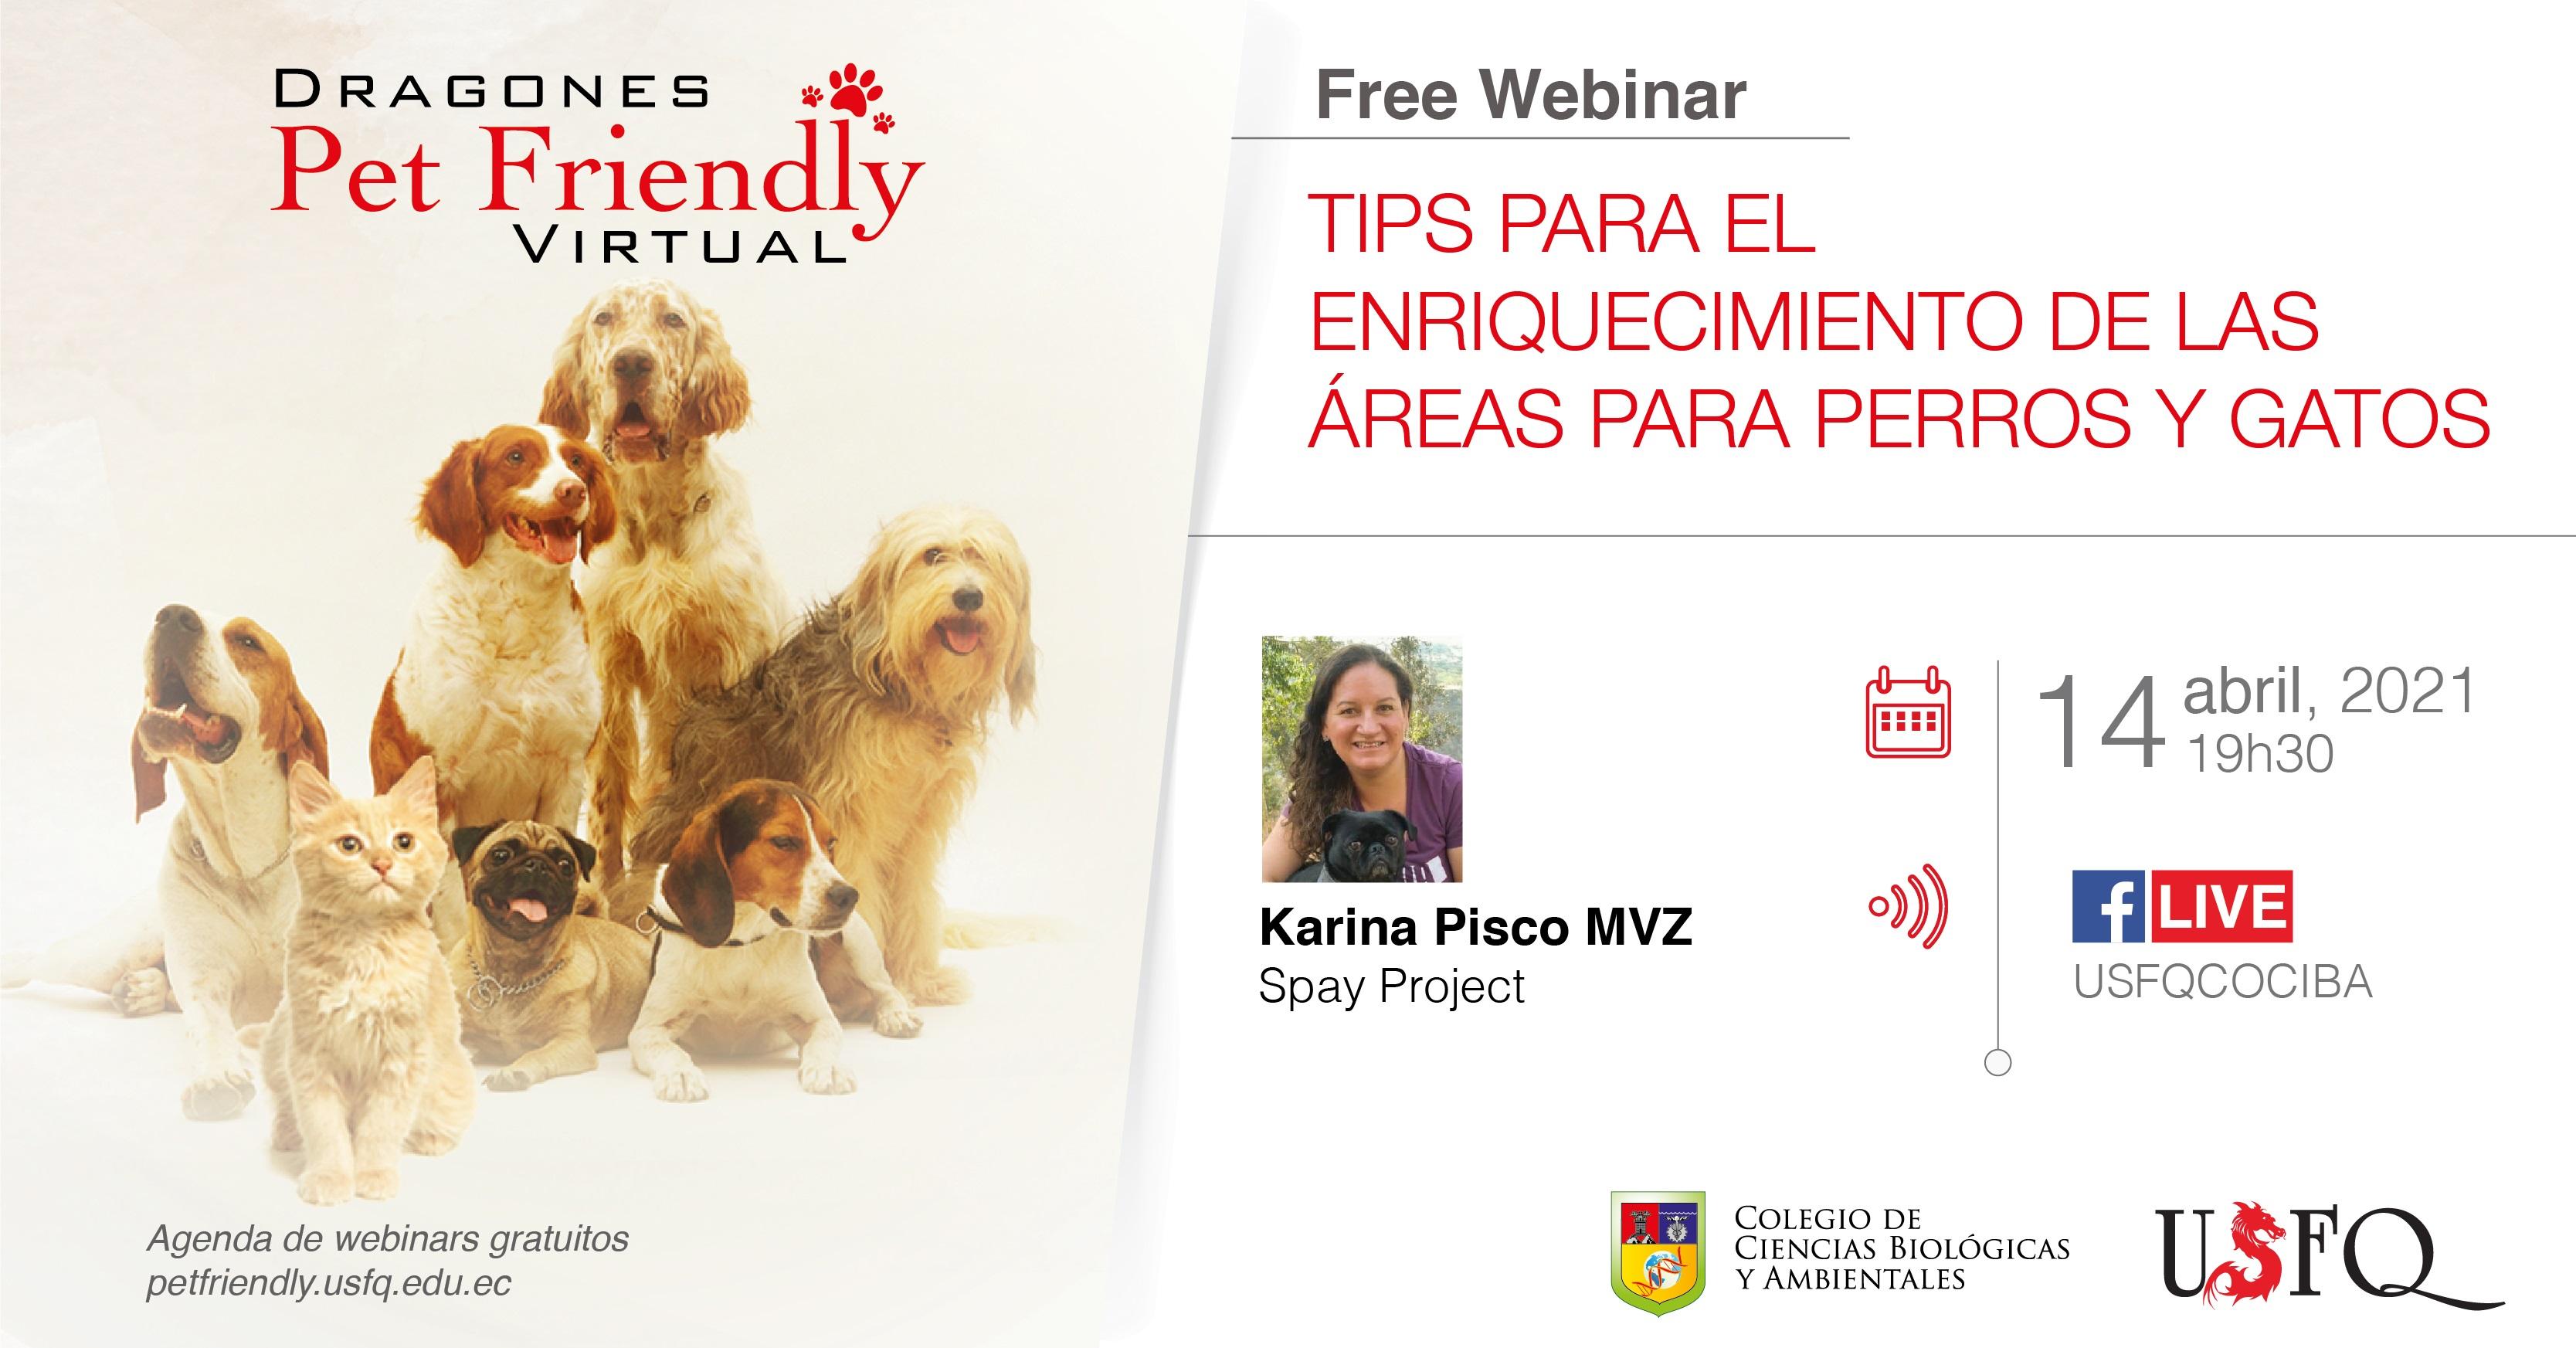 Webinar Tips para el enriquecimiento de las áreas para perros y gatos